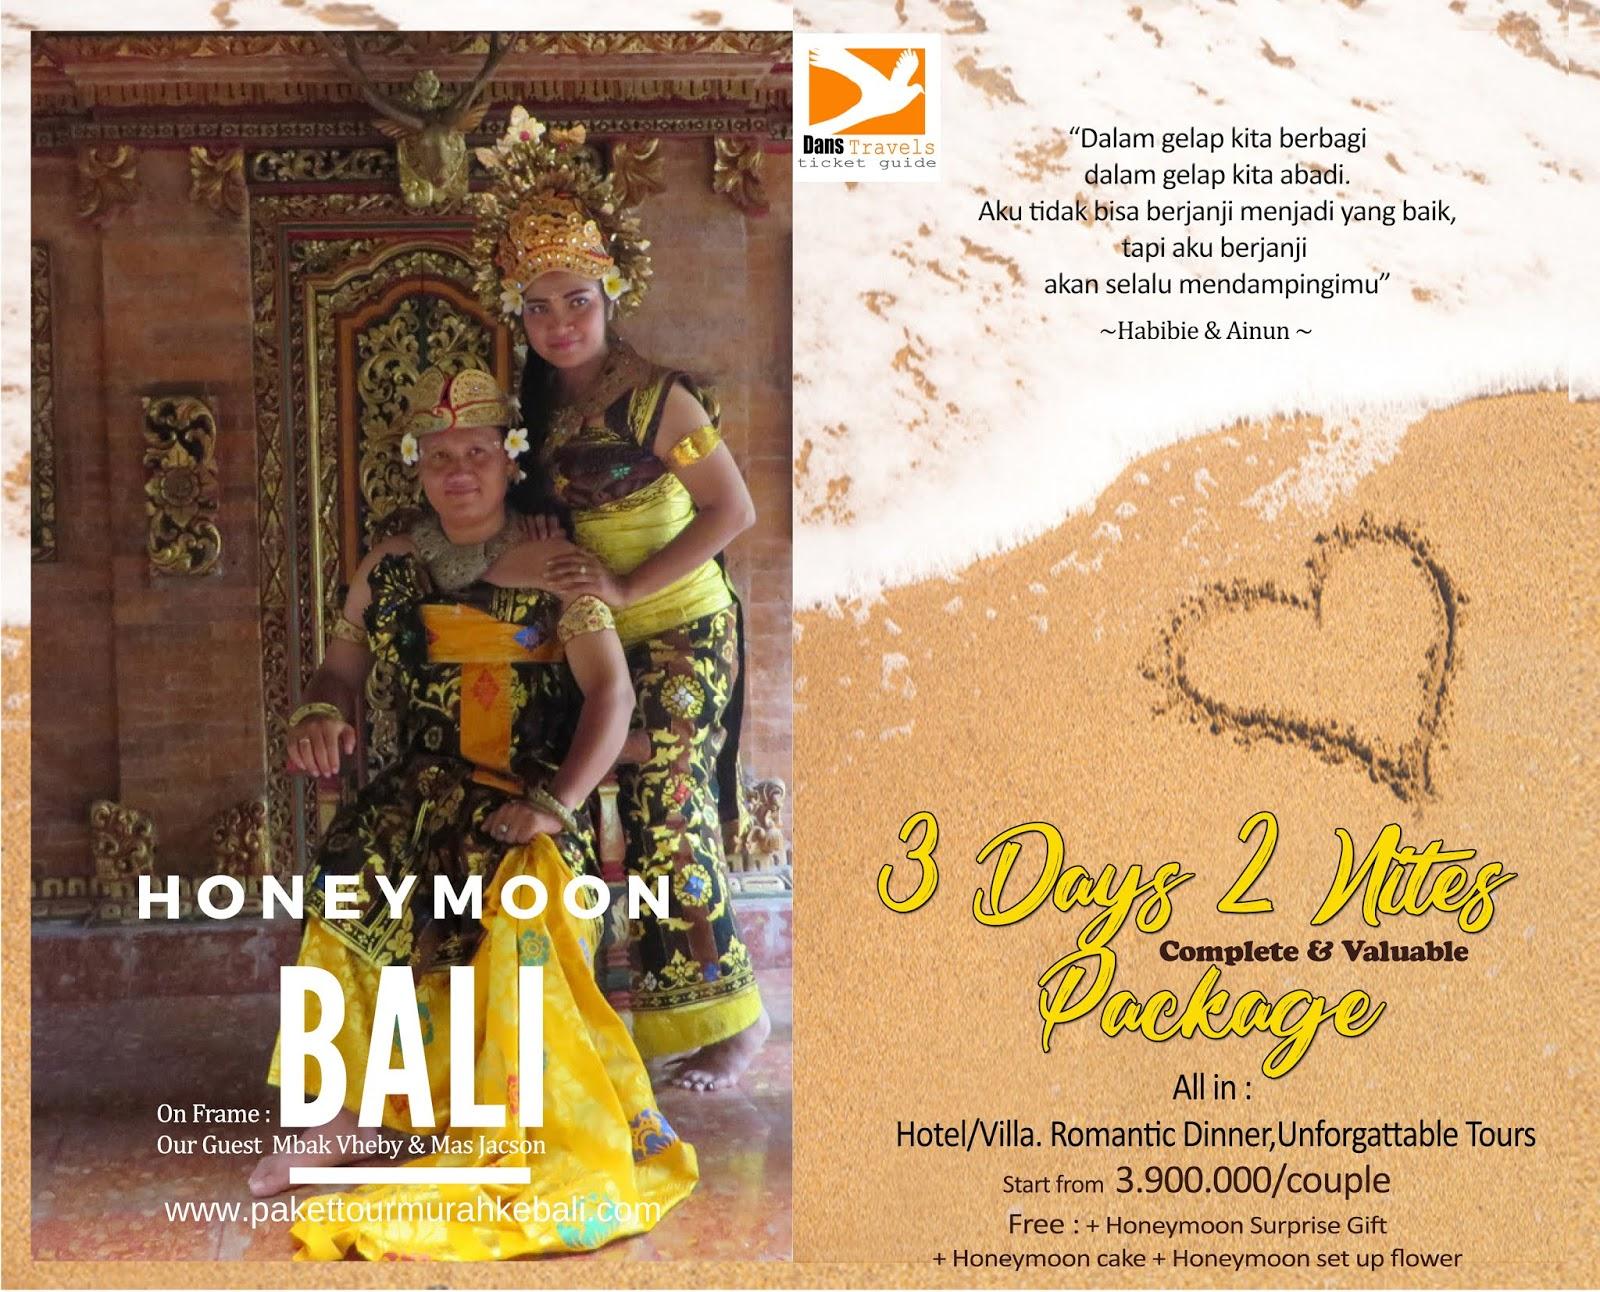 Paket Tour Murah Ke Bali Liburan Di Nusa Lembungan Dan Penida Yg Eksotik 2 Hari 1 Malam 3 Pilihan Honeymoon Complete Valuable